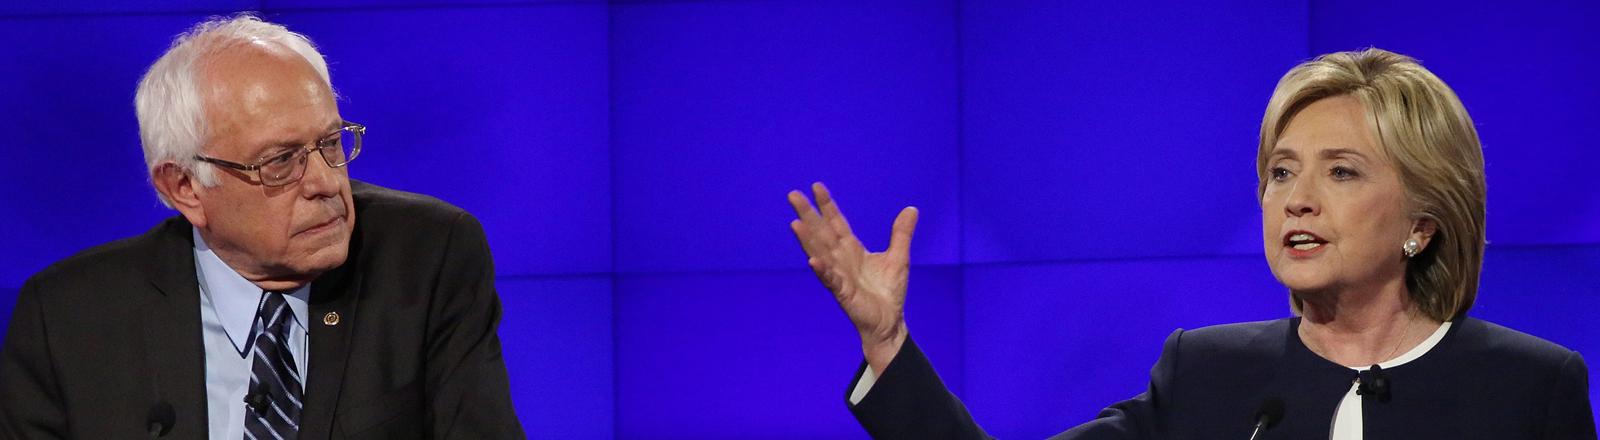 Bernie Sanders (links) und Hillary Clinton bei einer Debatte zwischen Präsidentschaftskandidaten der Demokraten im Oktober 2015.